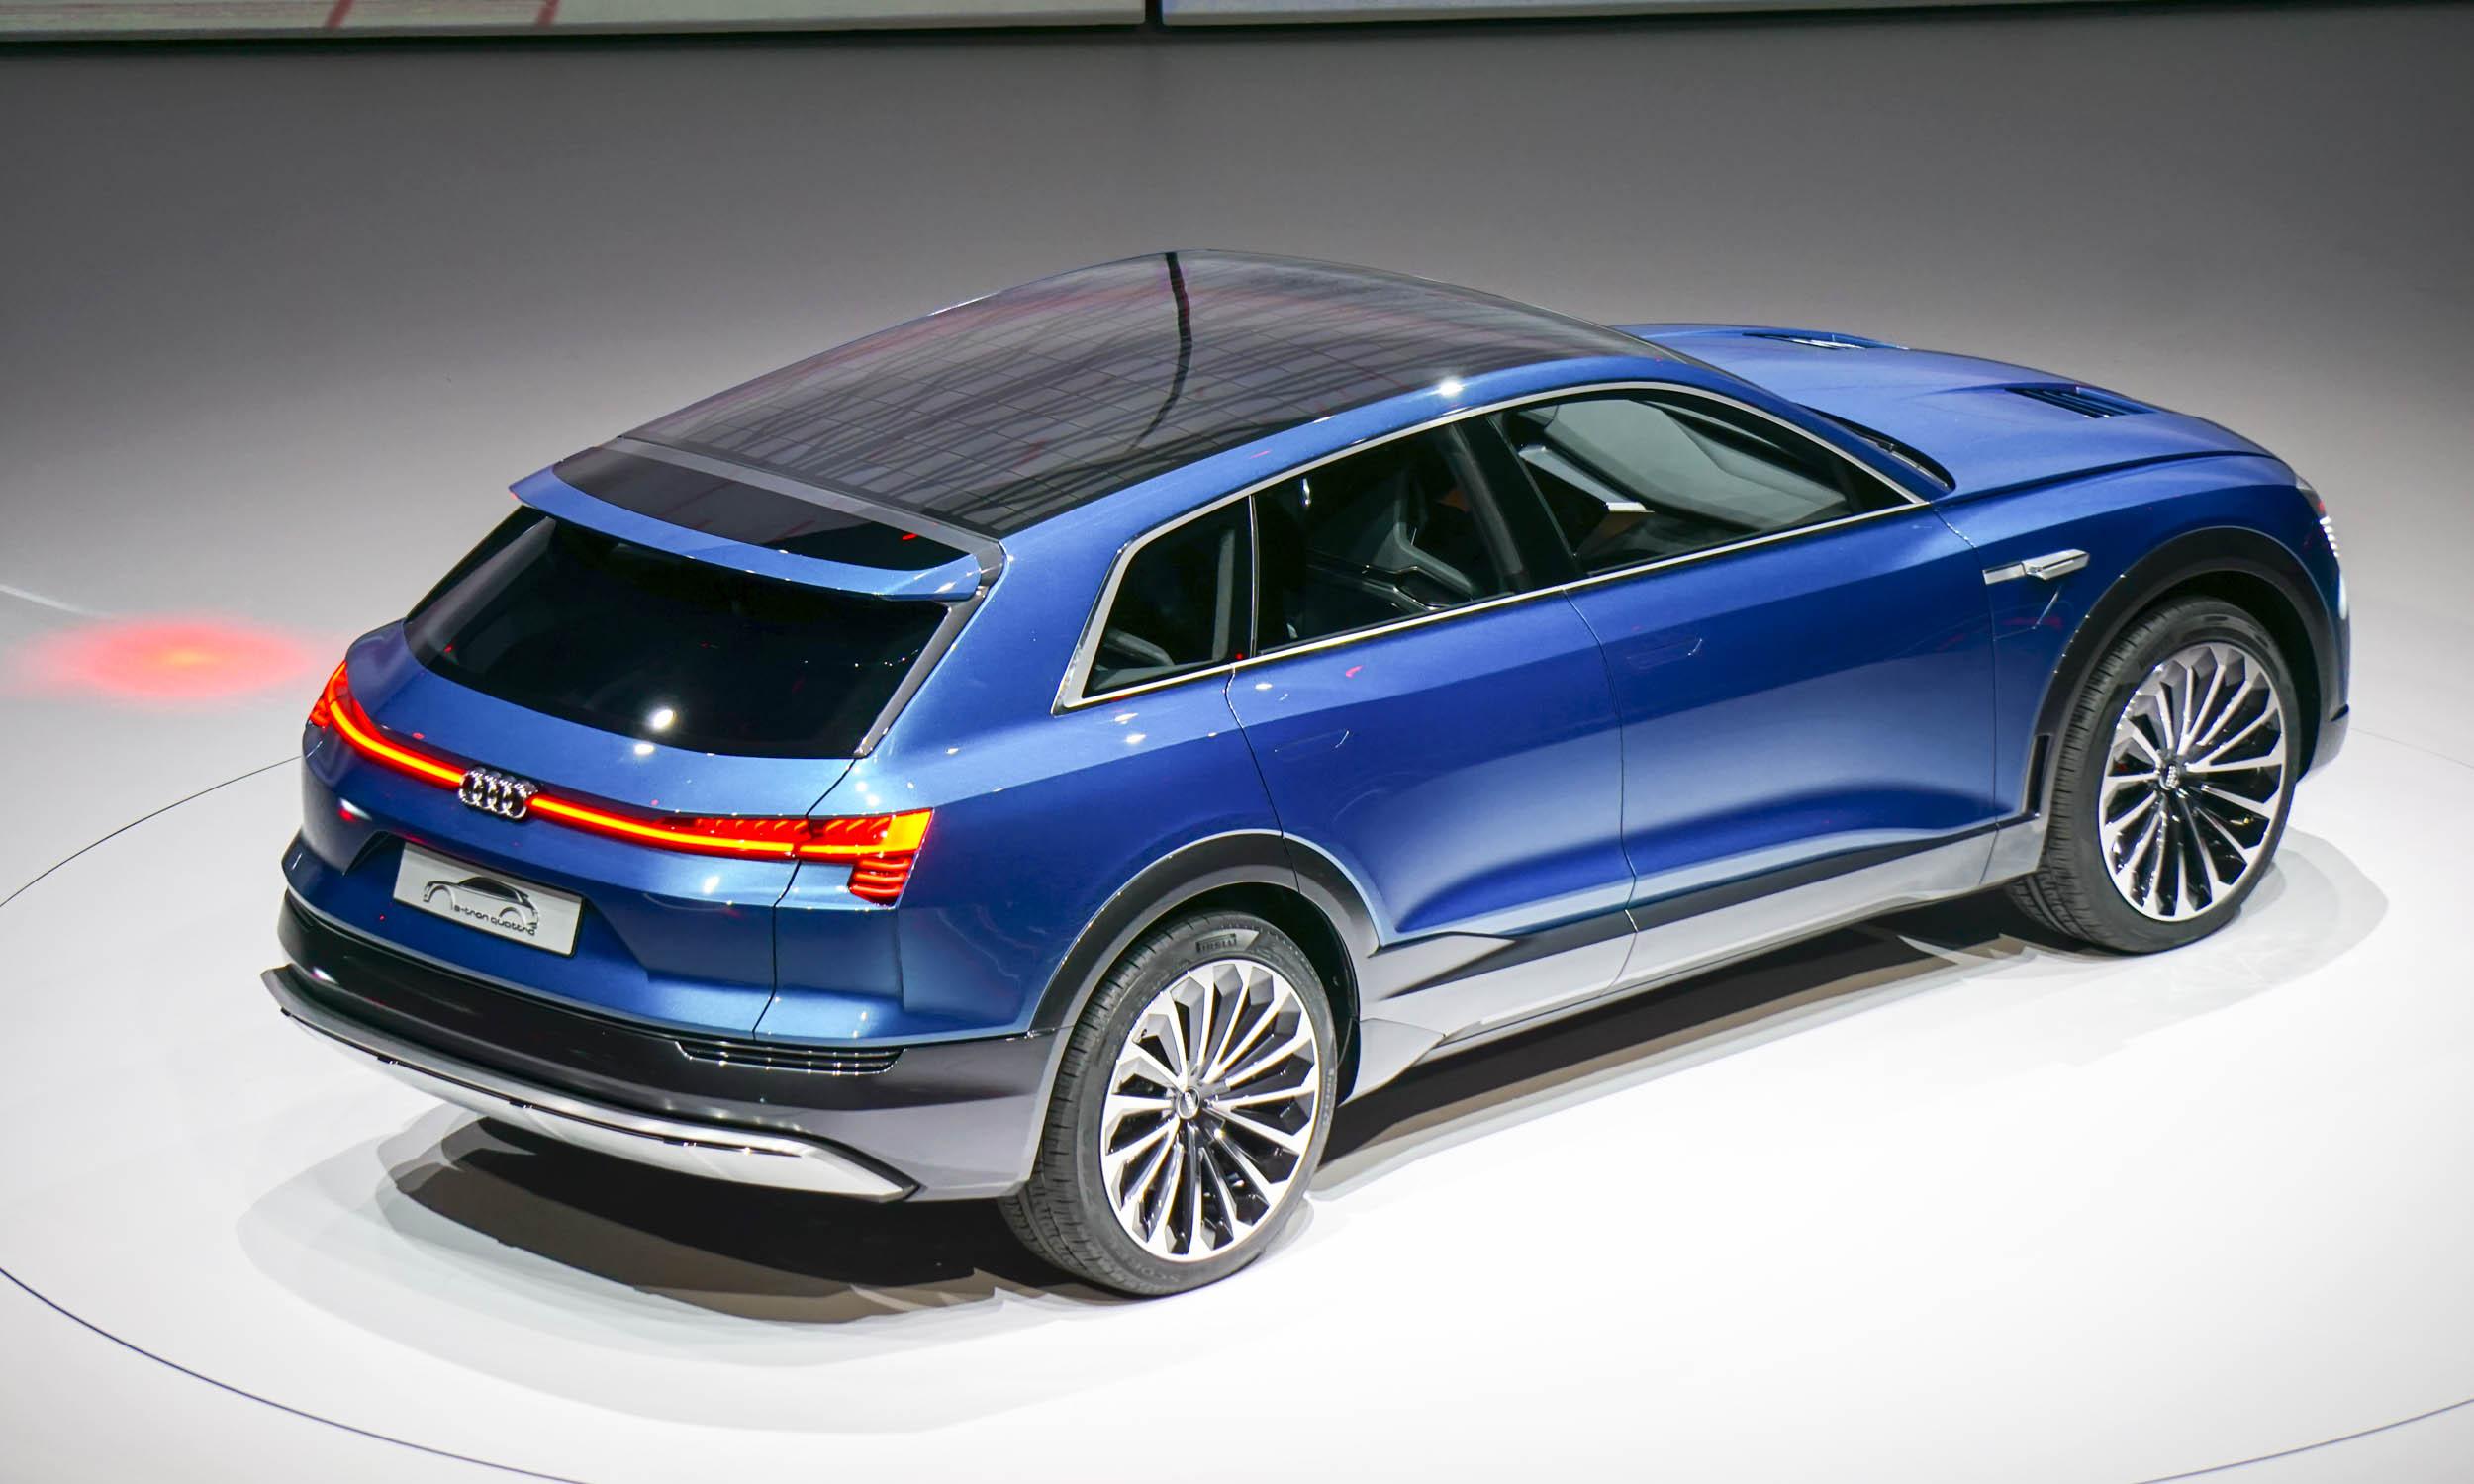 Audi etron quattro suv concept 11